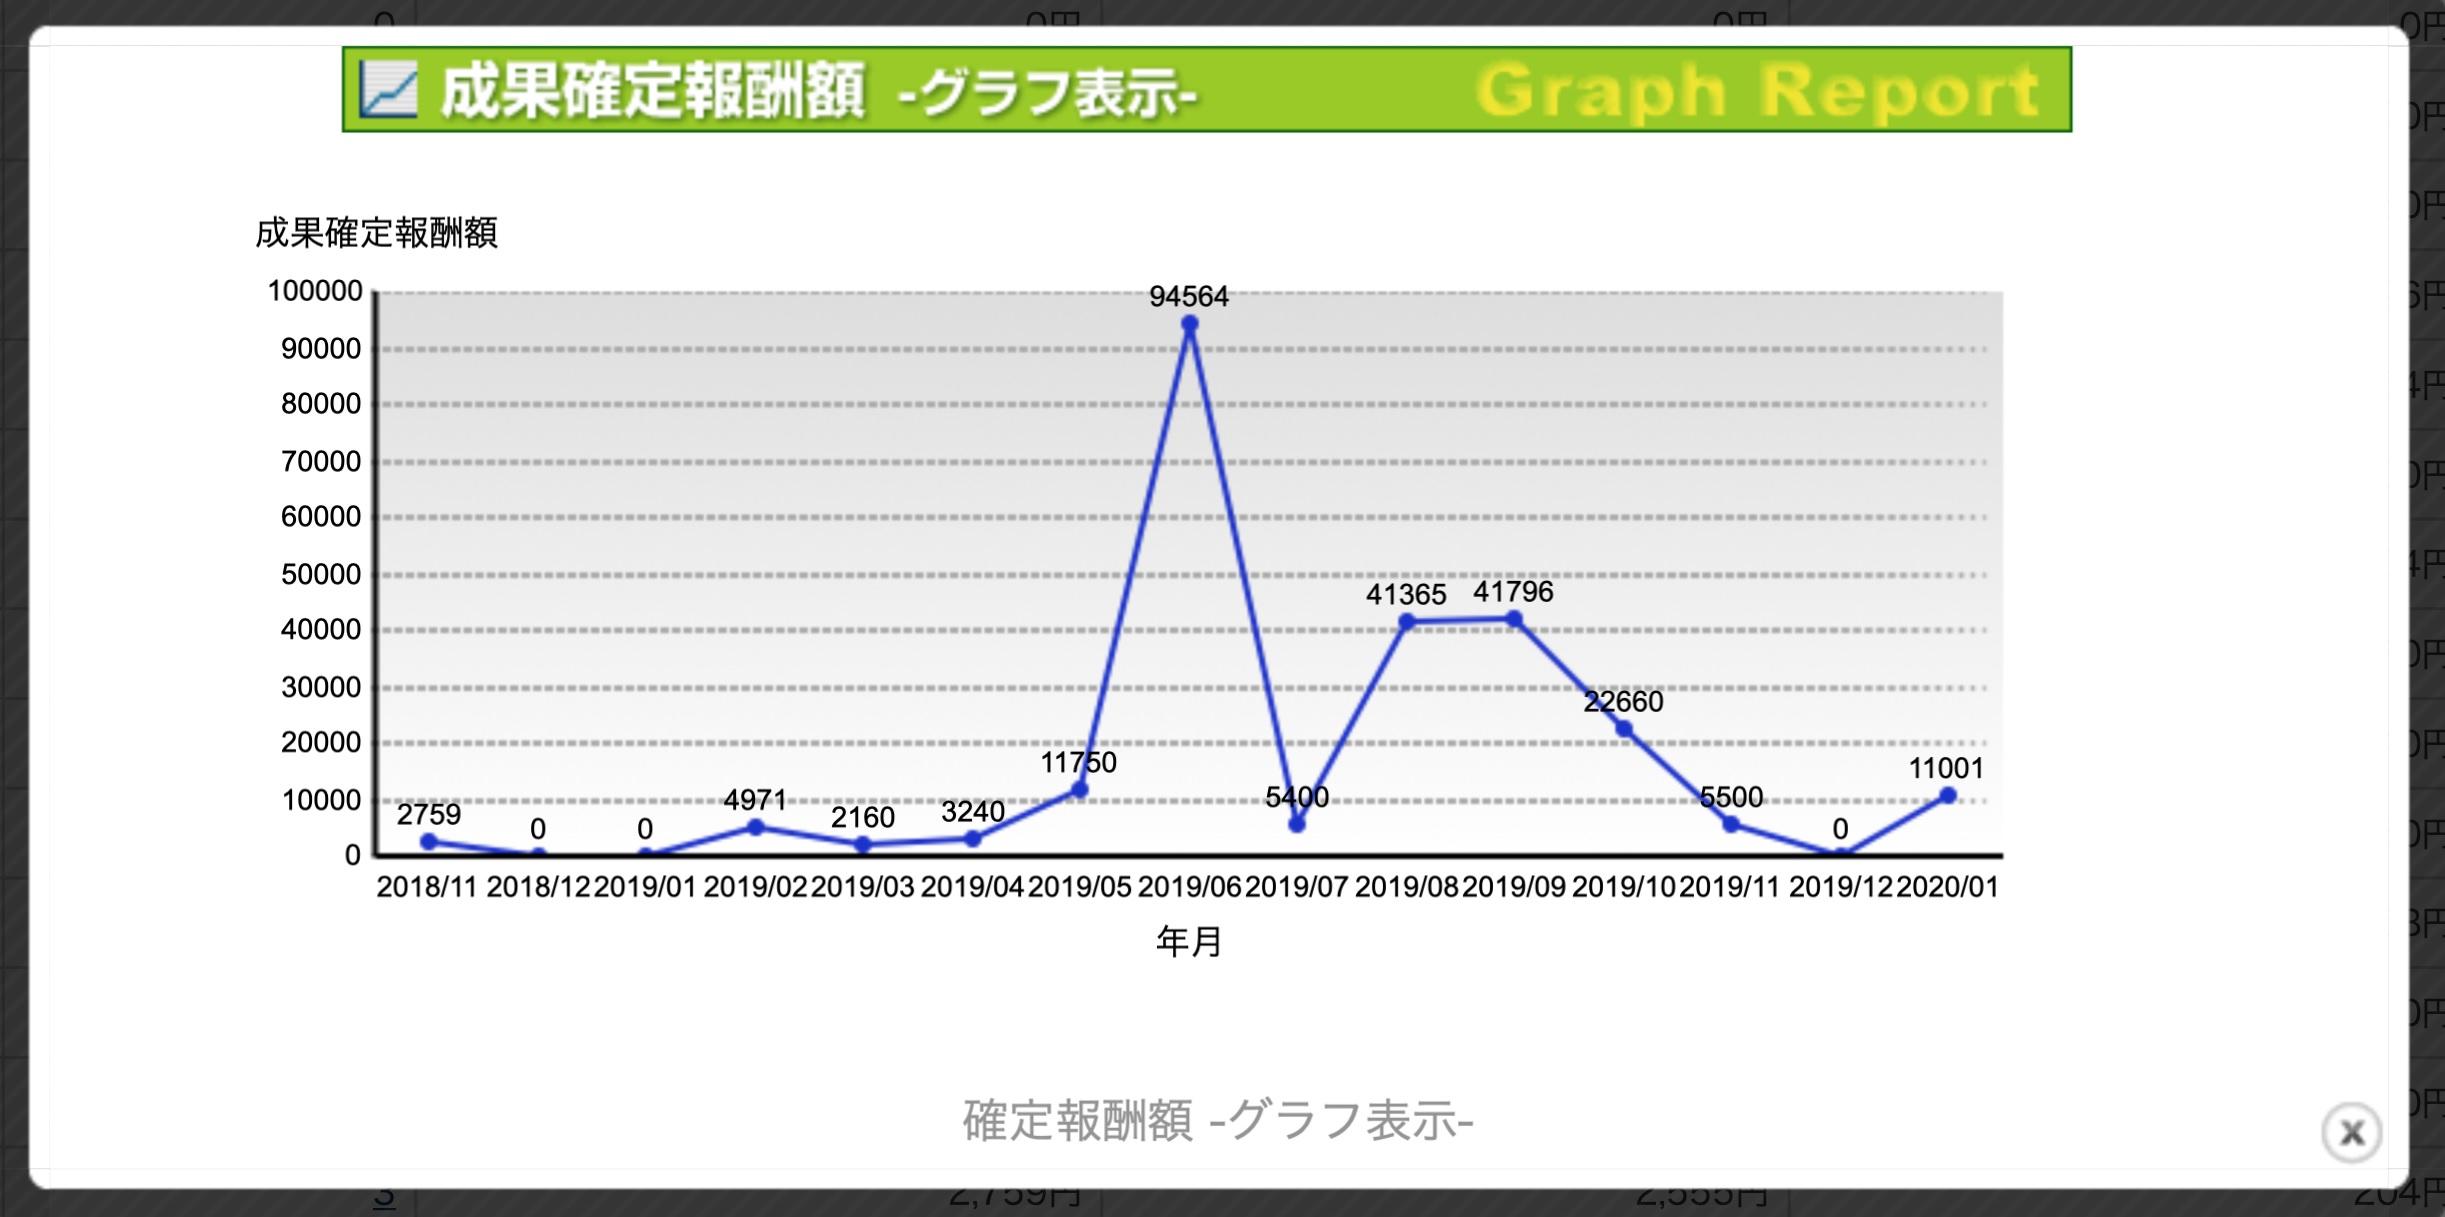 成果確定報酬額グラフ